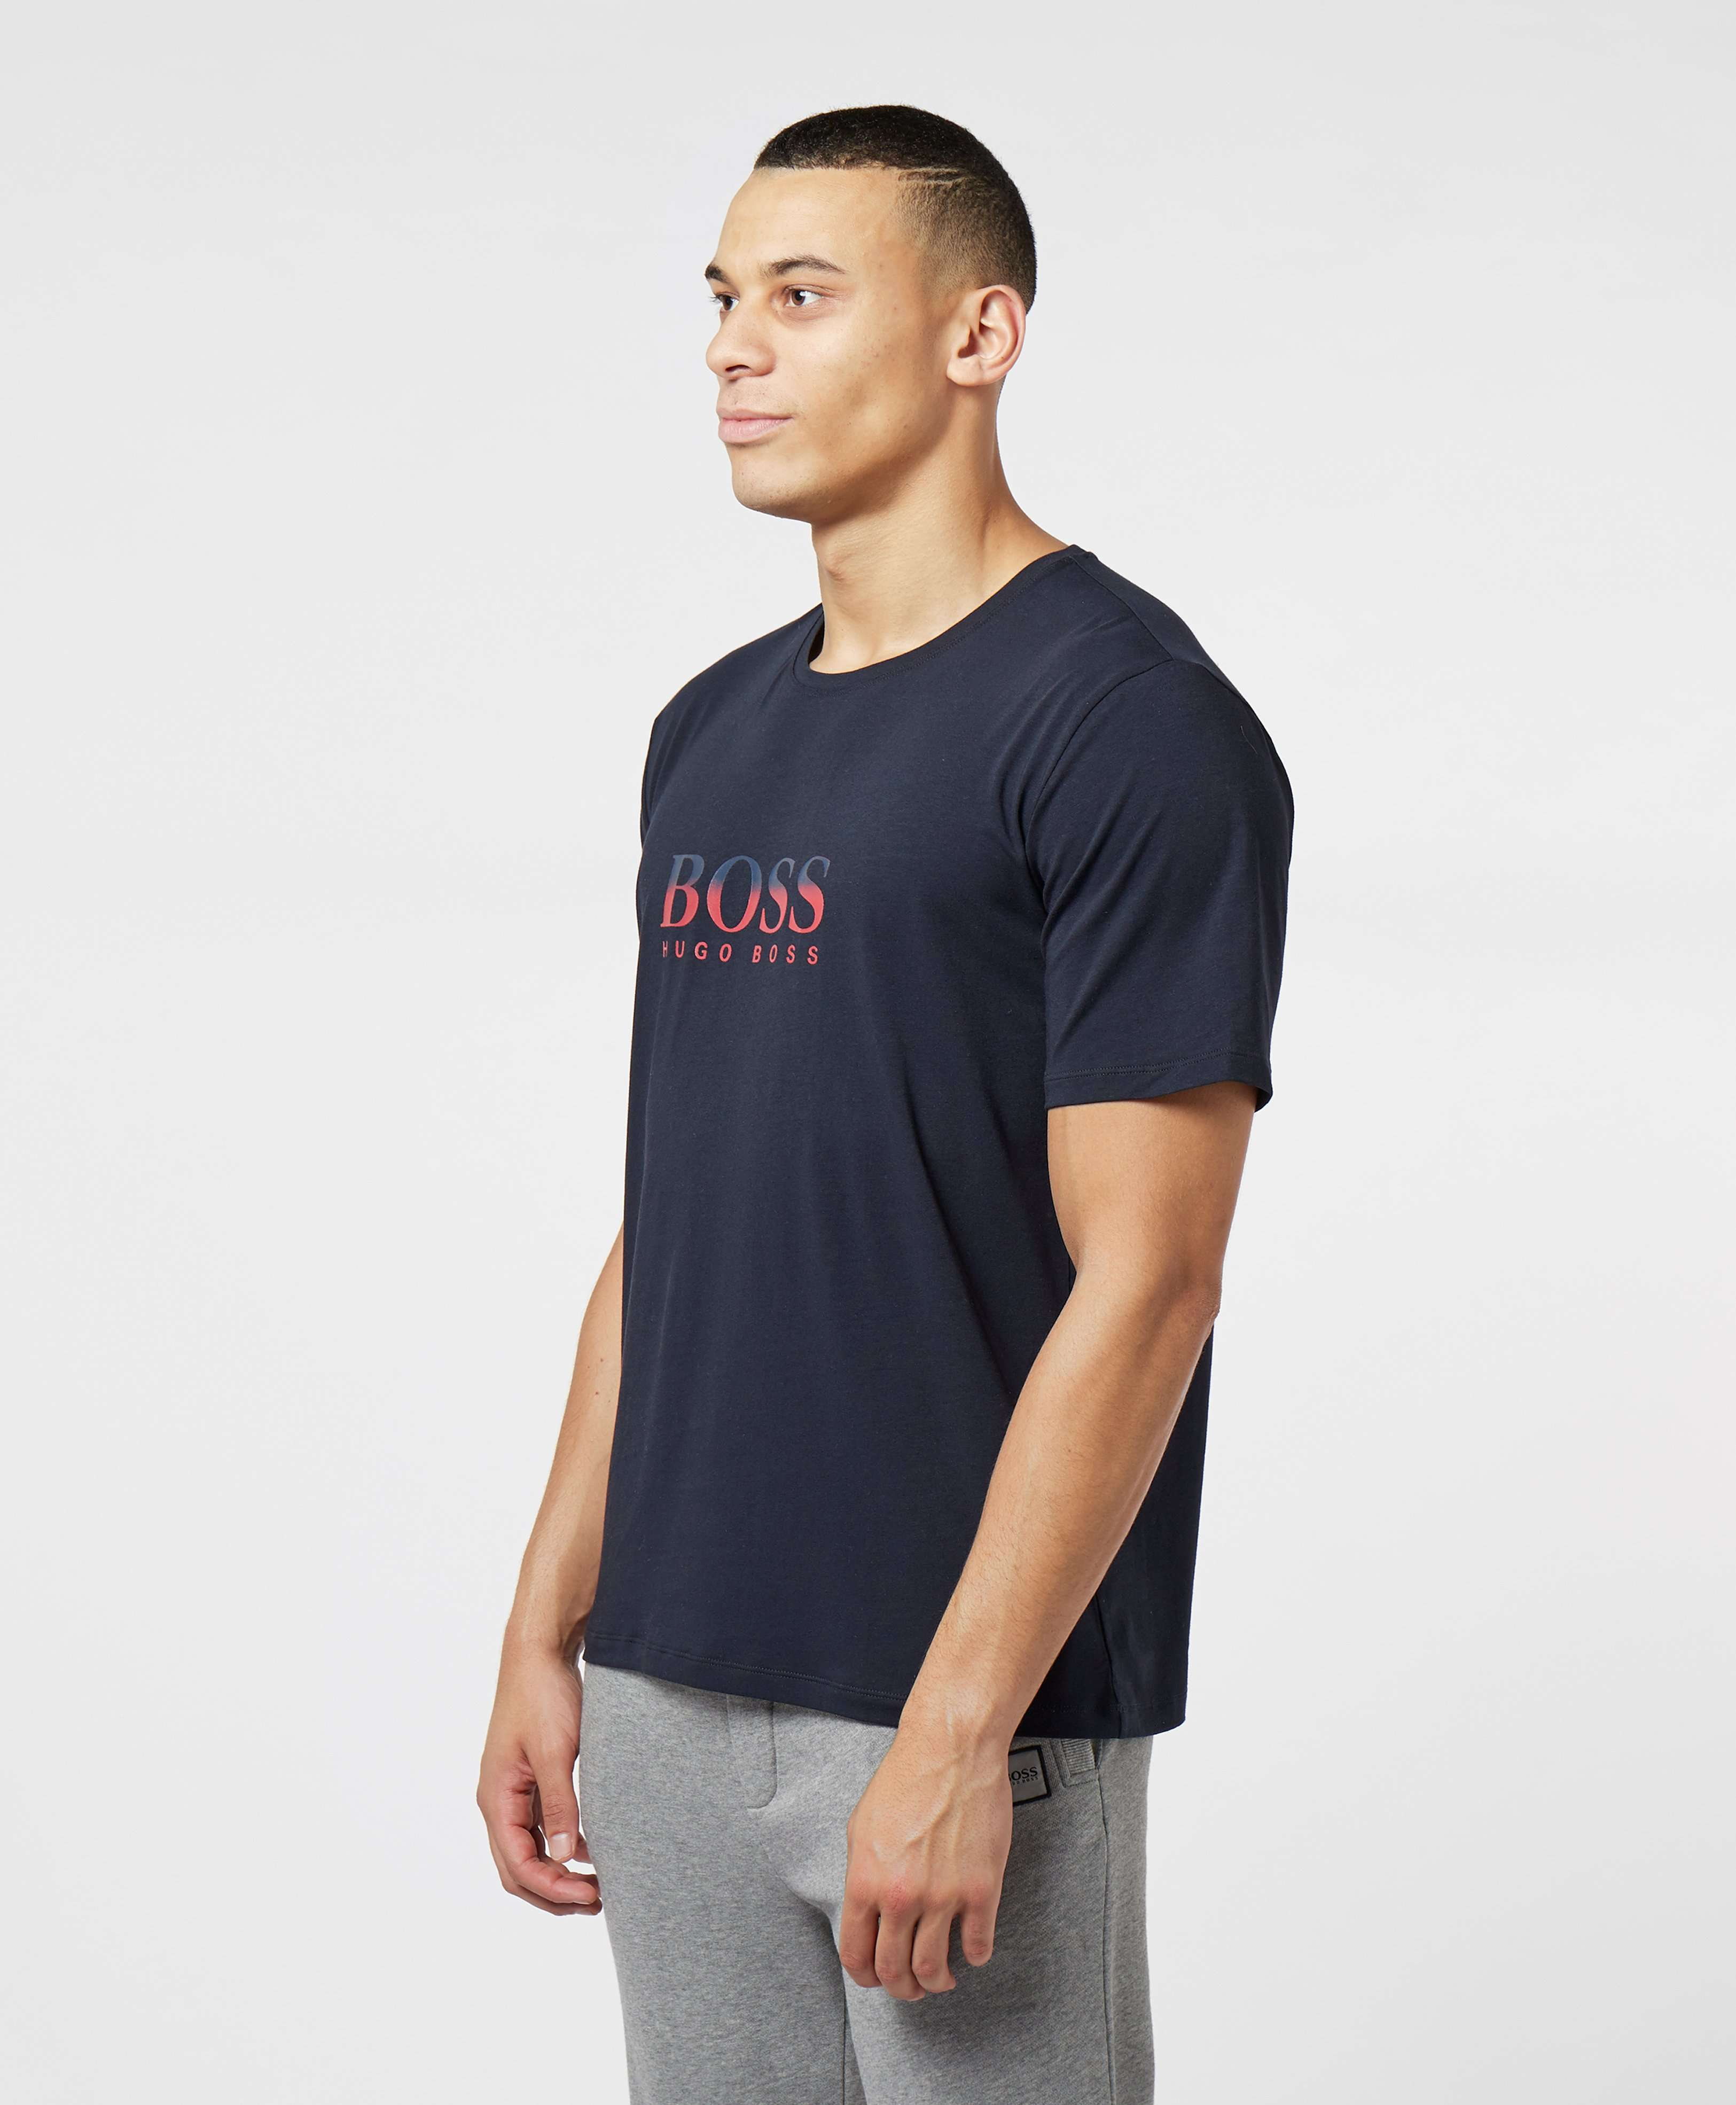 BOSS Fade Logo Short Sleeve T-Shirt